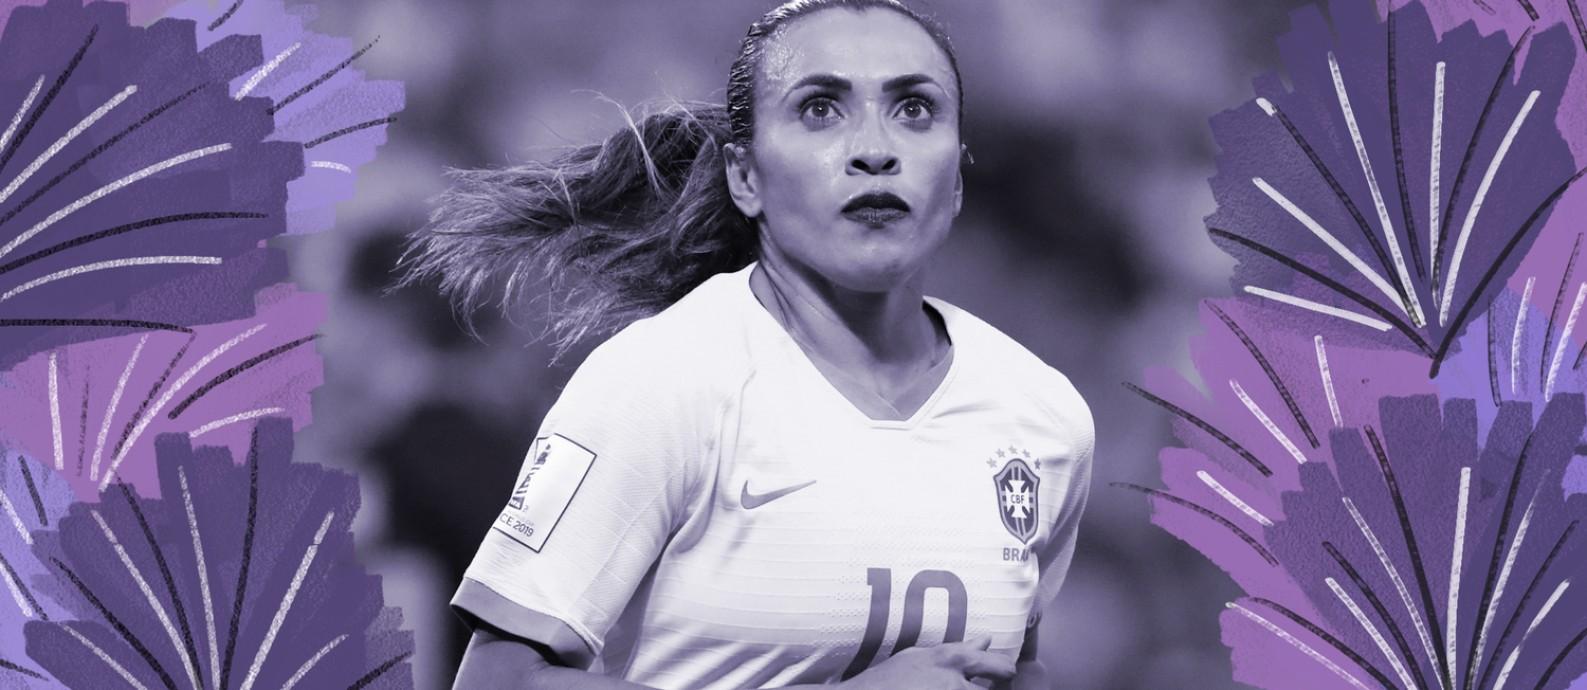 Marta foi a primeira mulher a ter seus pés marcados no Hall da Fama do estádio Maracanã em 2018. Foto: Reuters